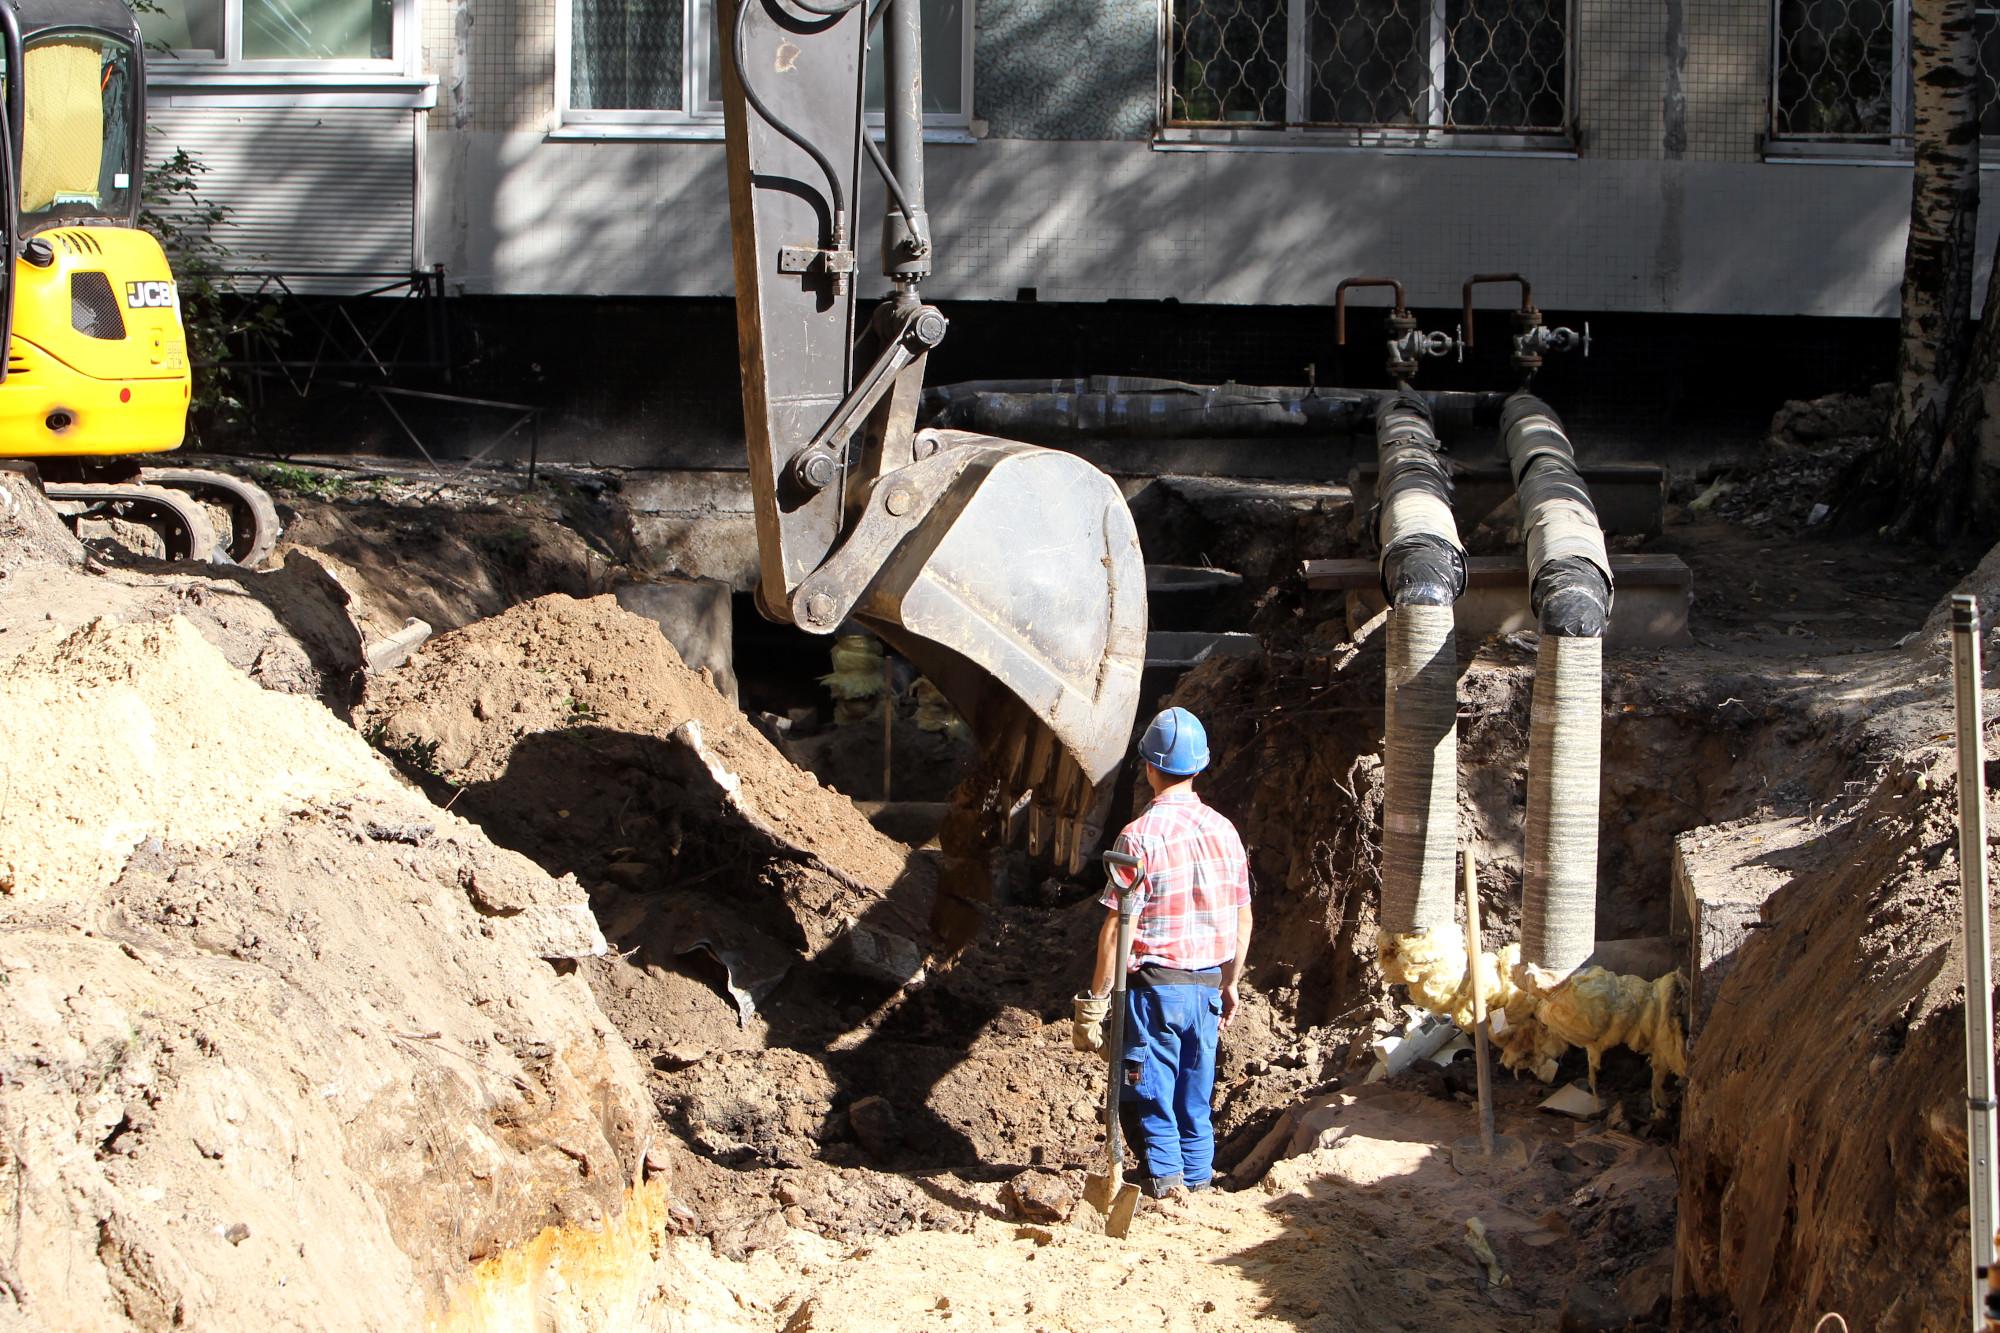 ремонт теплотрассы ГУП ТЭК трубы экскаватор земляные работы